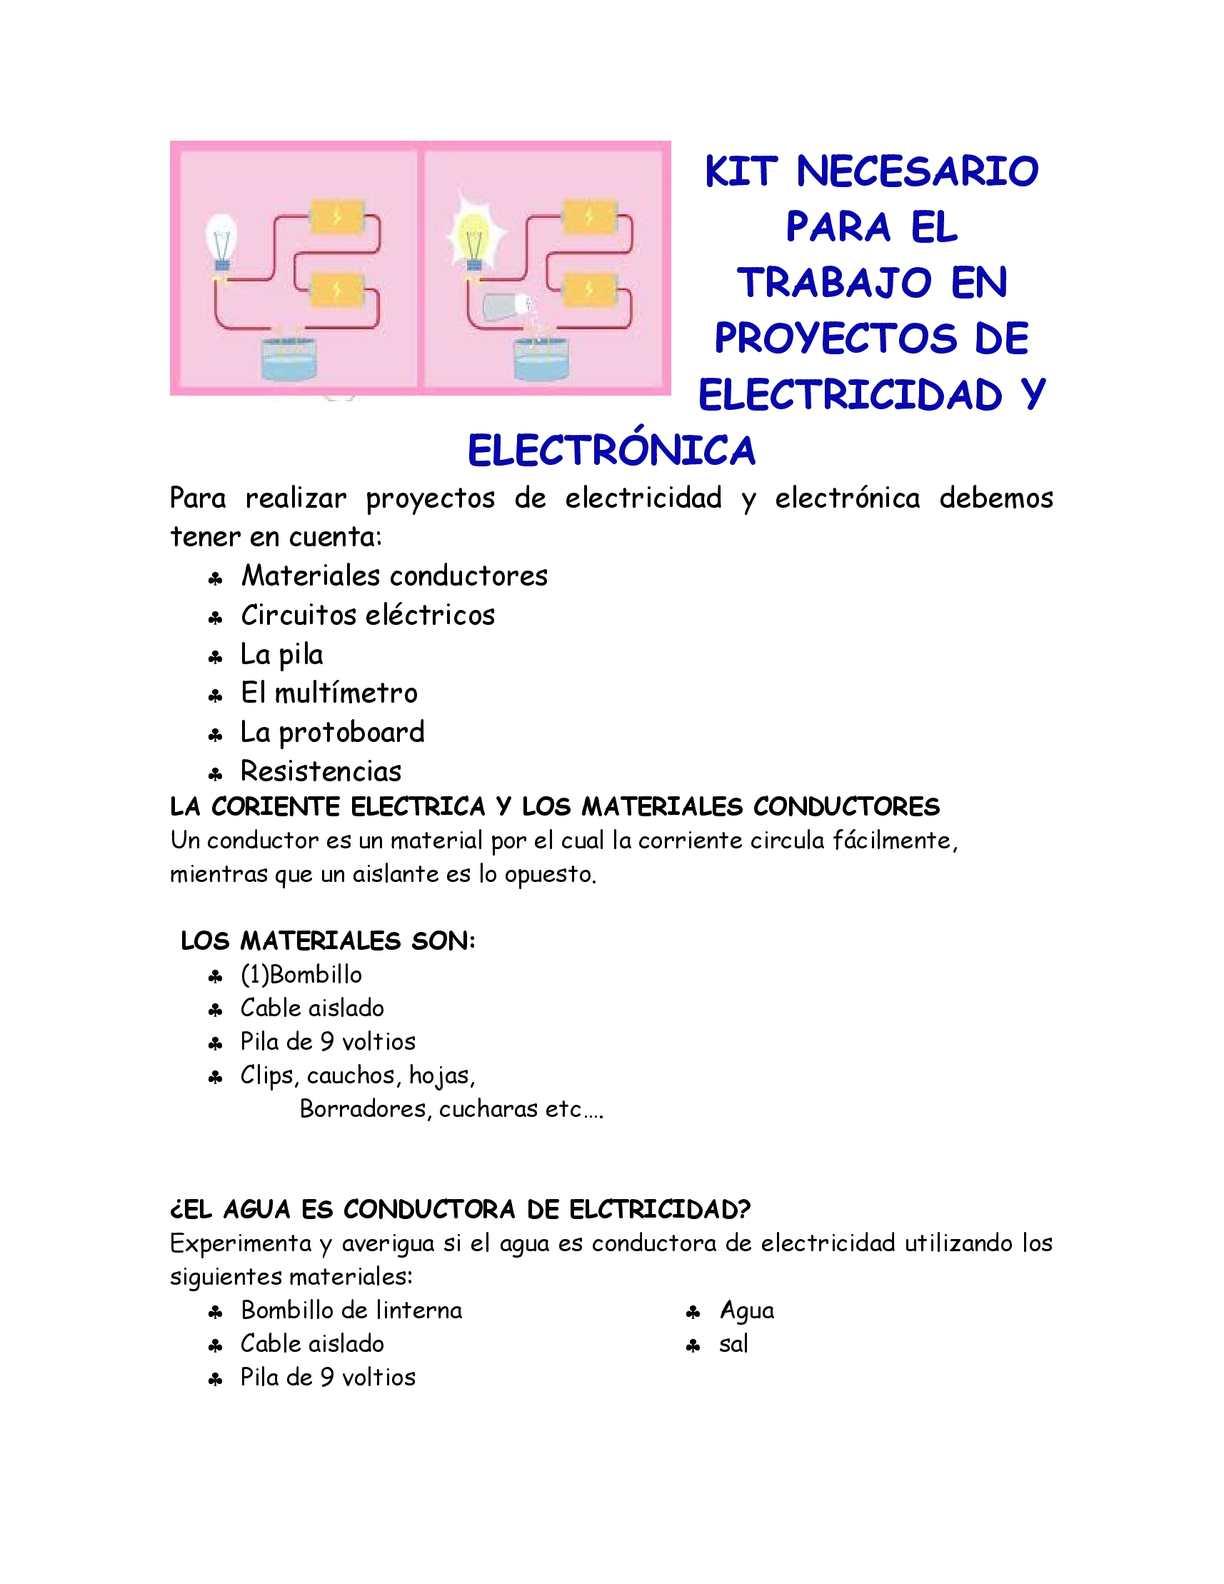 Calaméo - kit de trabajo en proyectos de electricidad y electronica